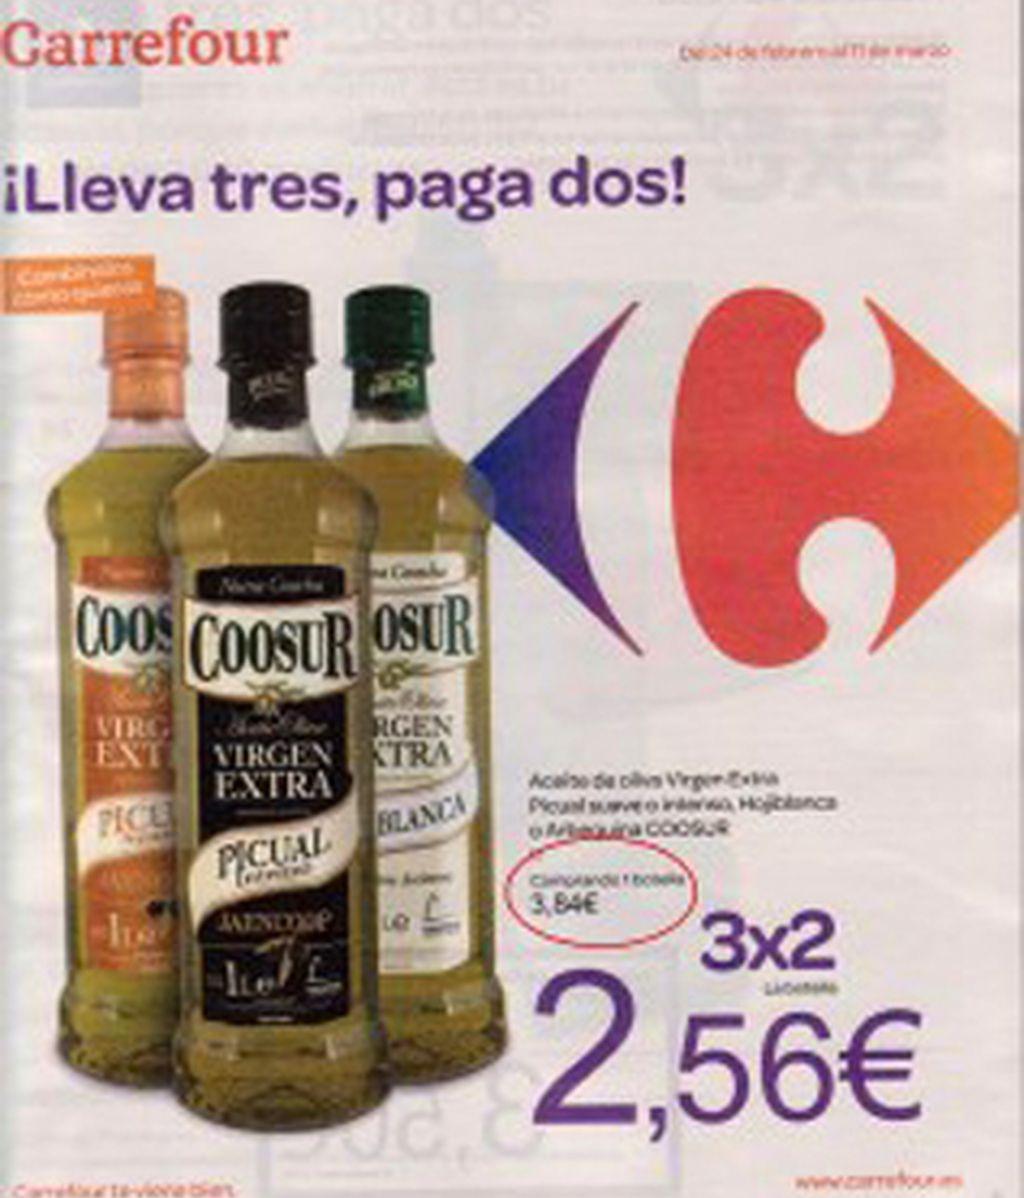 """La publicidad de Carrefour presentada por la COAG en la denuncia por supuesta """"venta a pérdidas"""" de aceite de oliva virgen extra de su marca blanca. Foto Blog Vagamundos"""